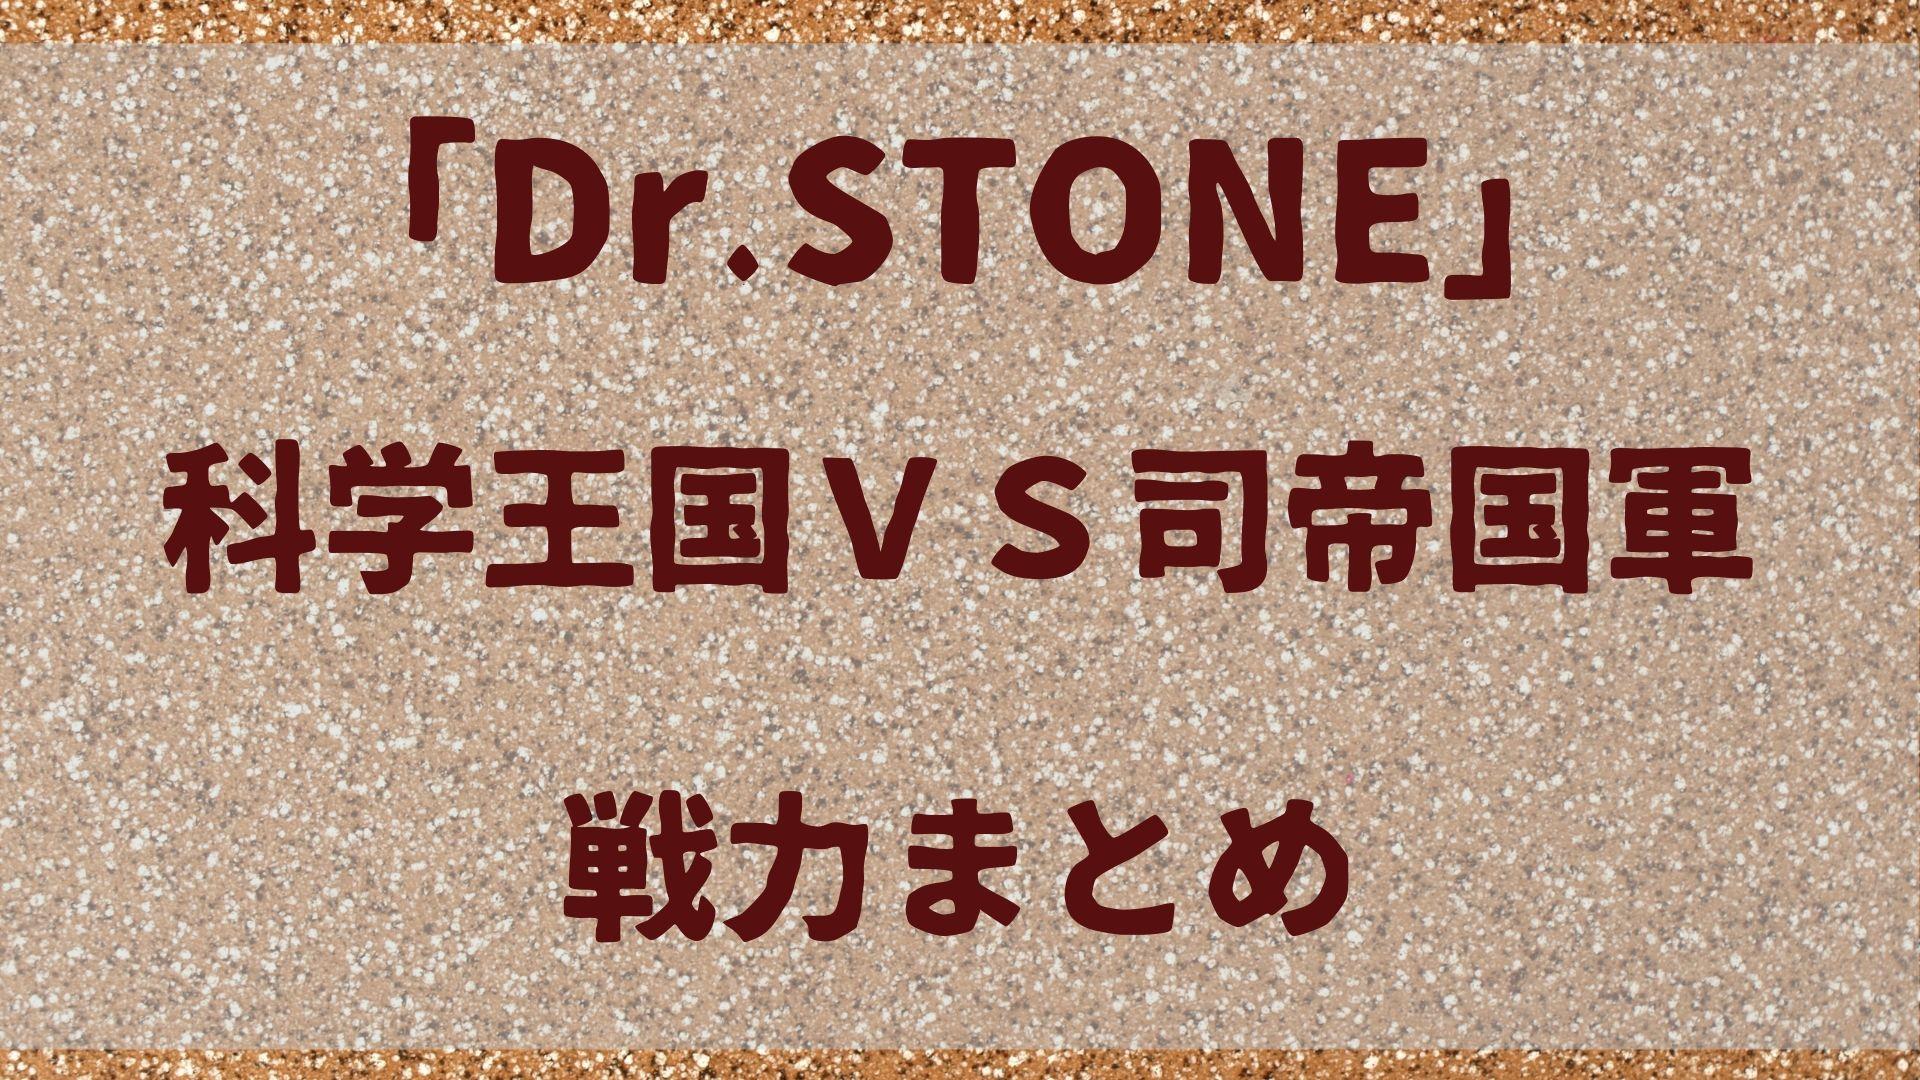 ドクターストーン「Dr.STONE」科学王国VS司帝国軍!戦力まとめ